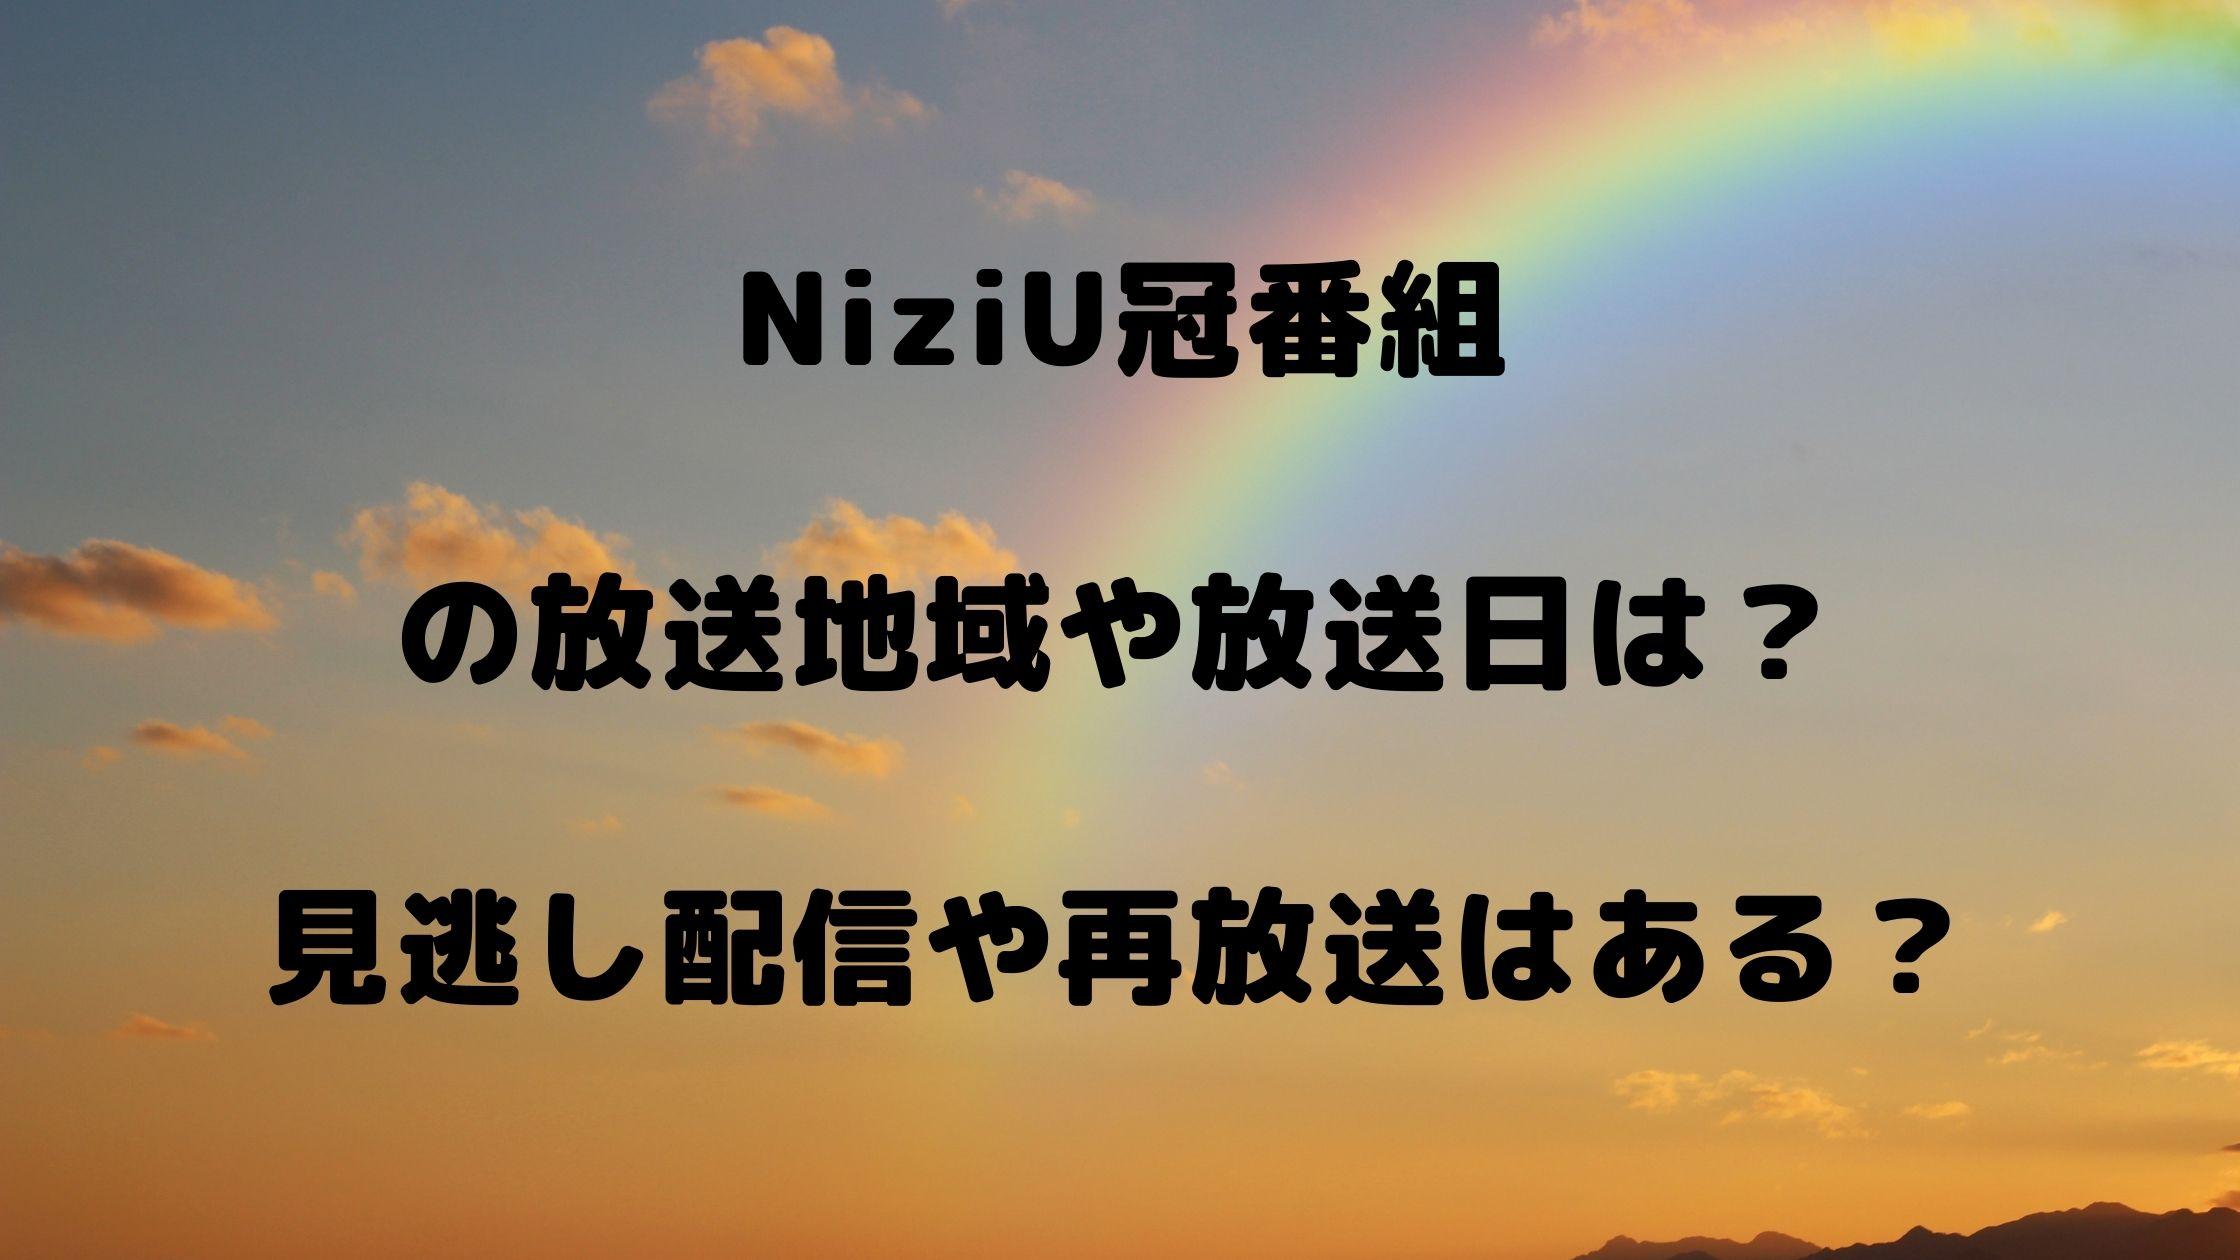 時間 スッキリ nizi project 放送